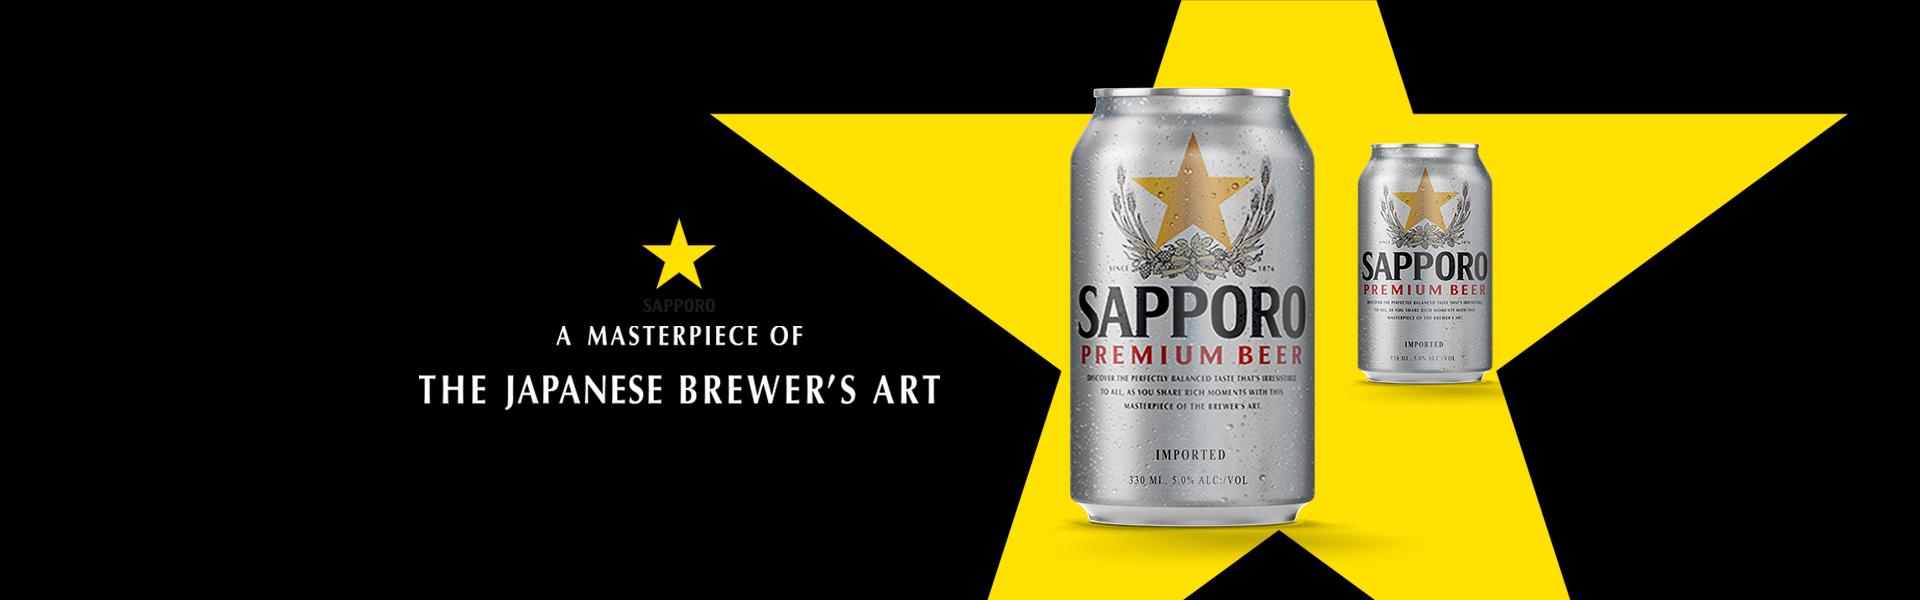 Sapporo Premium Lager – legendarisk japansk öl släpps i systembolagets fasta sortiment.